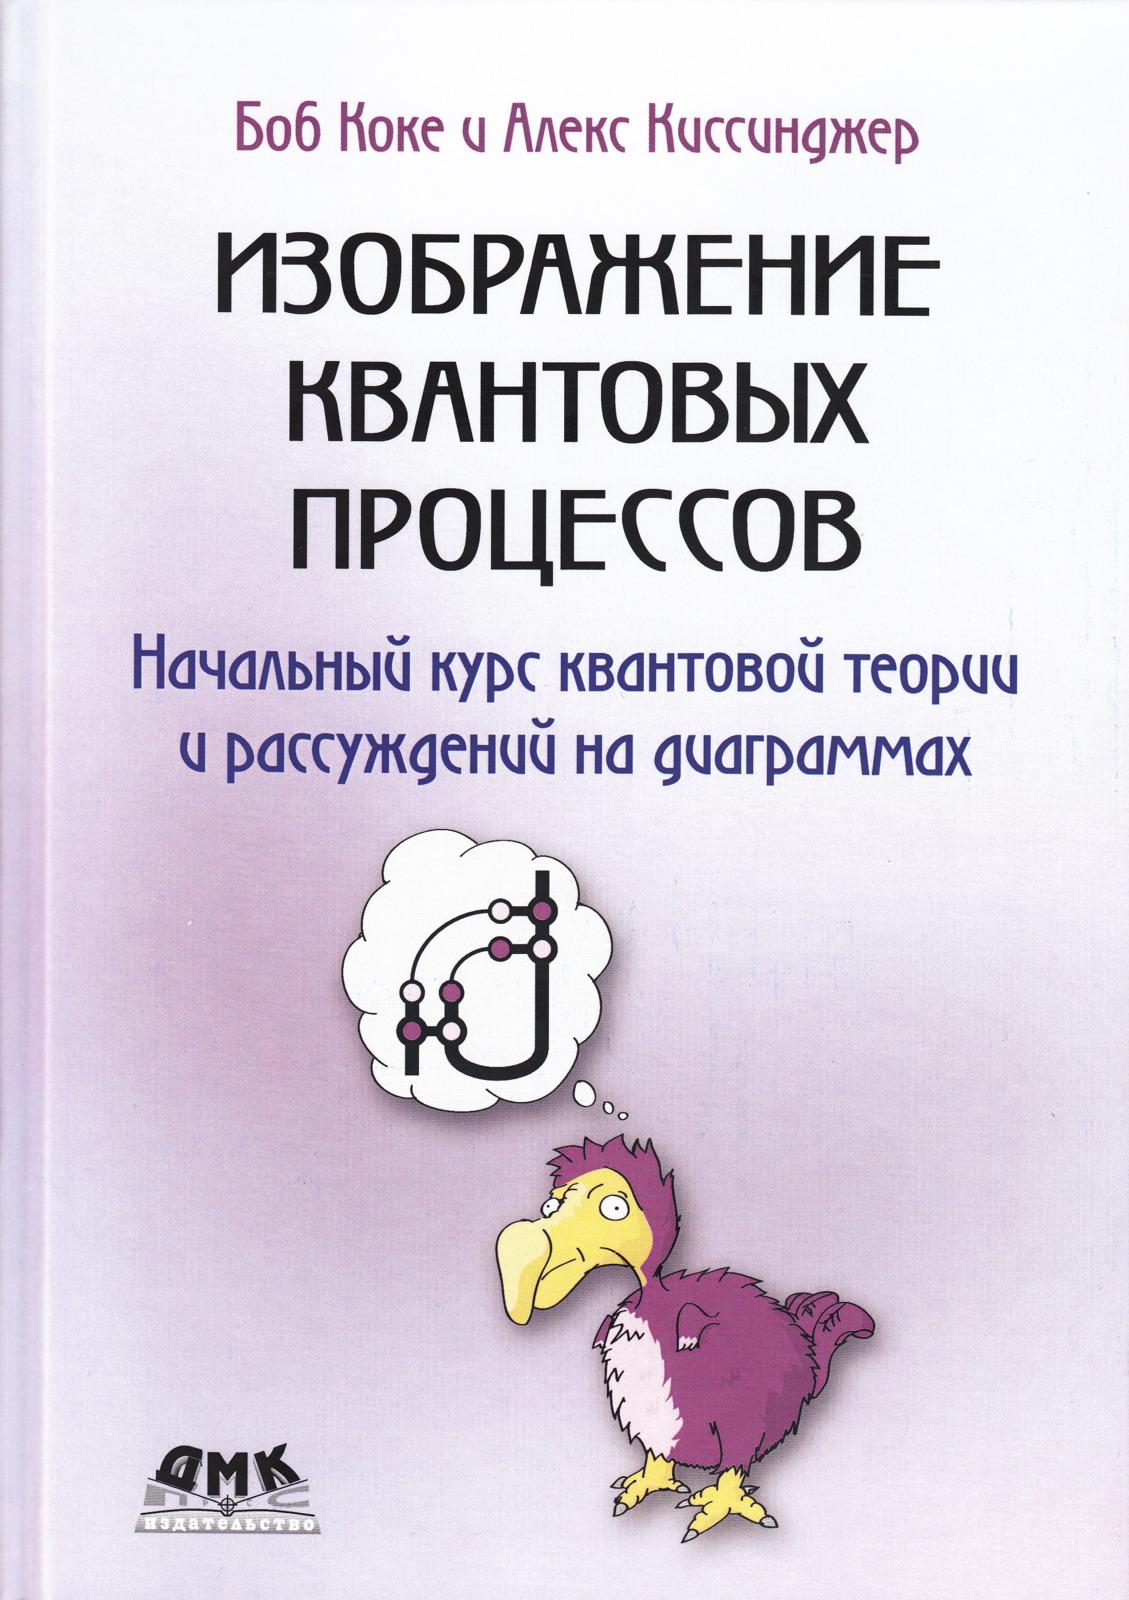 Коке Б., Киссинджер А. Изображение квантовых процессов